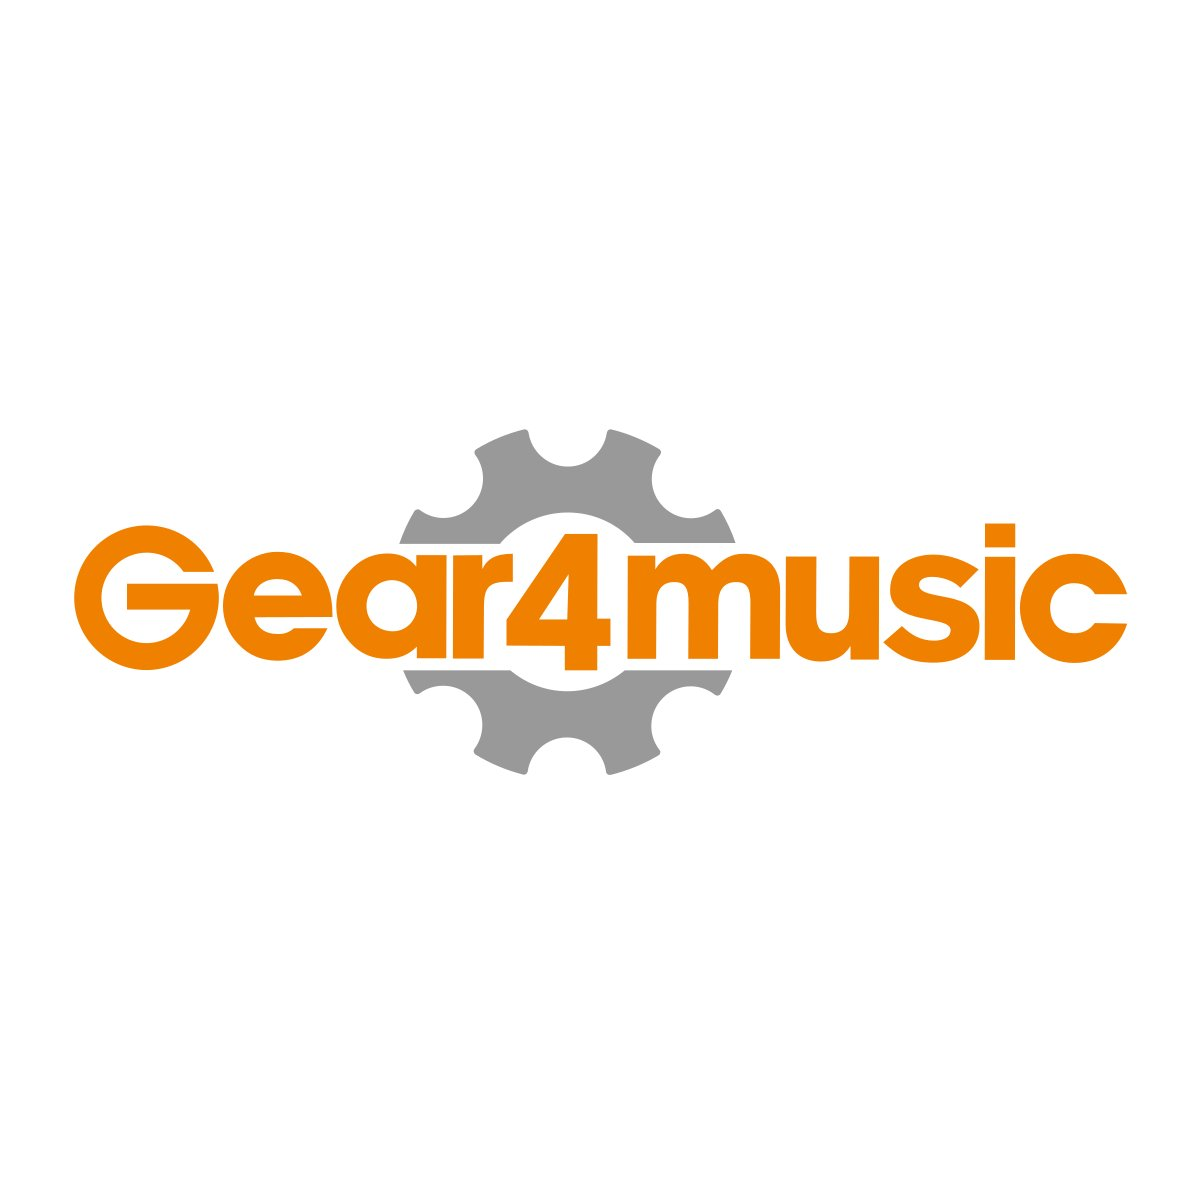 14-tums X 12-tums Virveltrumma Avsedd för Marscher, med Bärfäste, av Gear4music